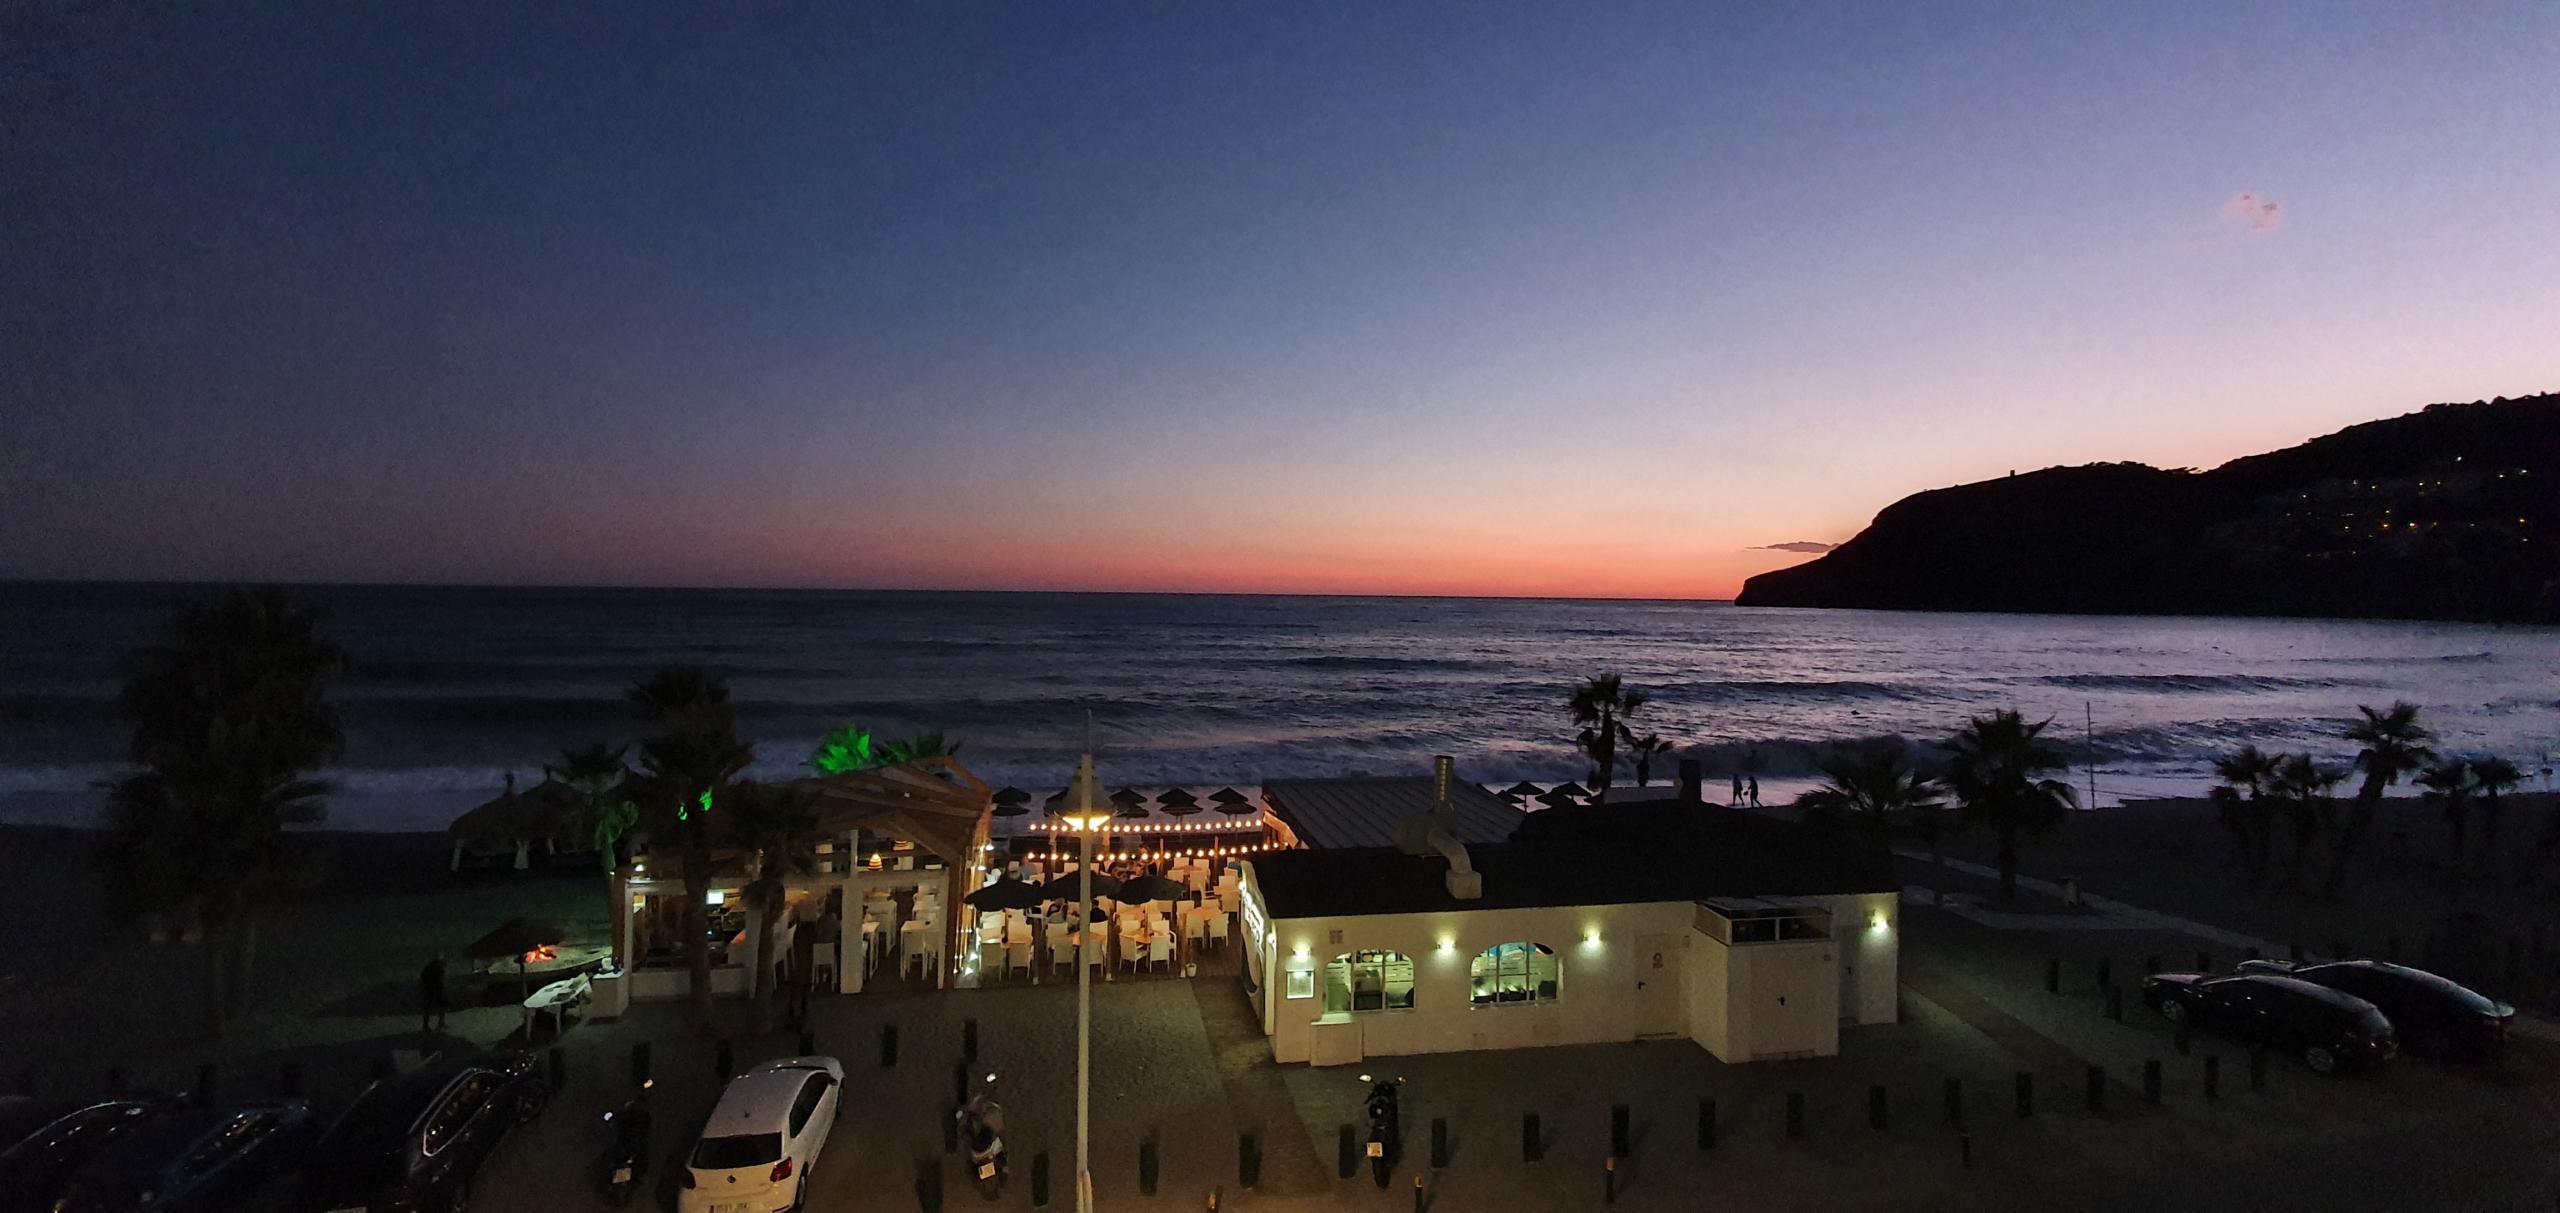 beautiful sunset over a beach